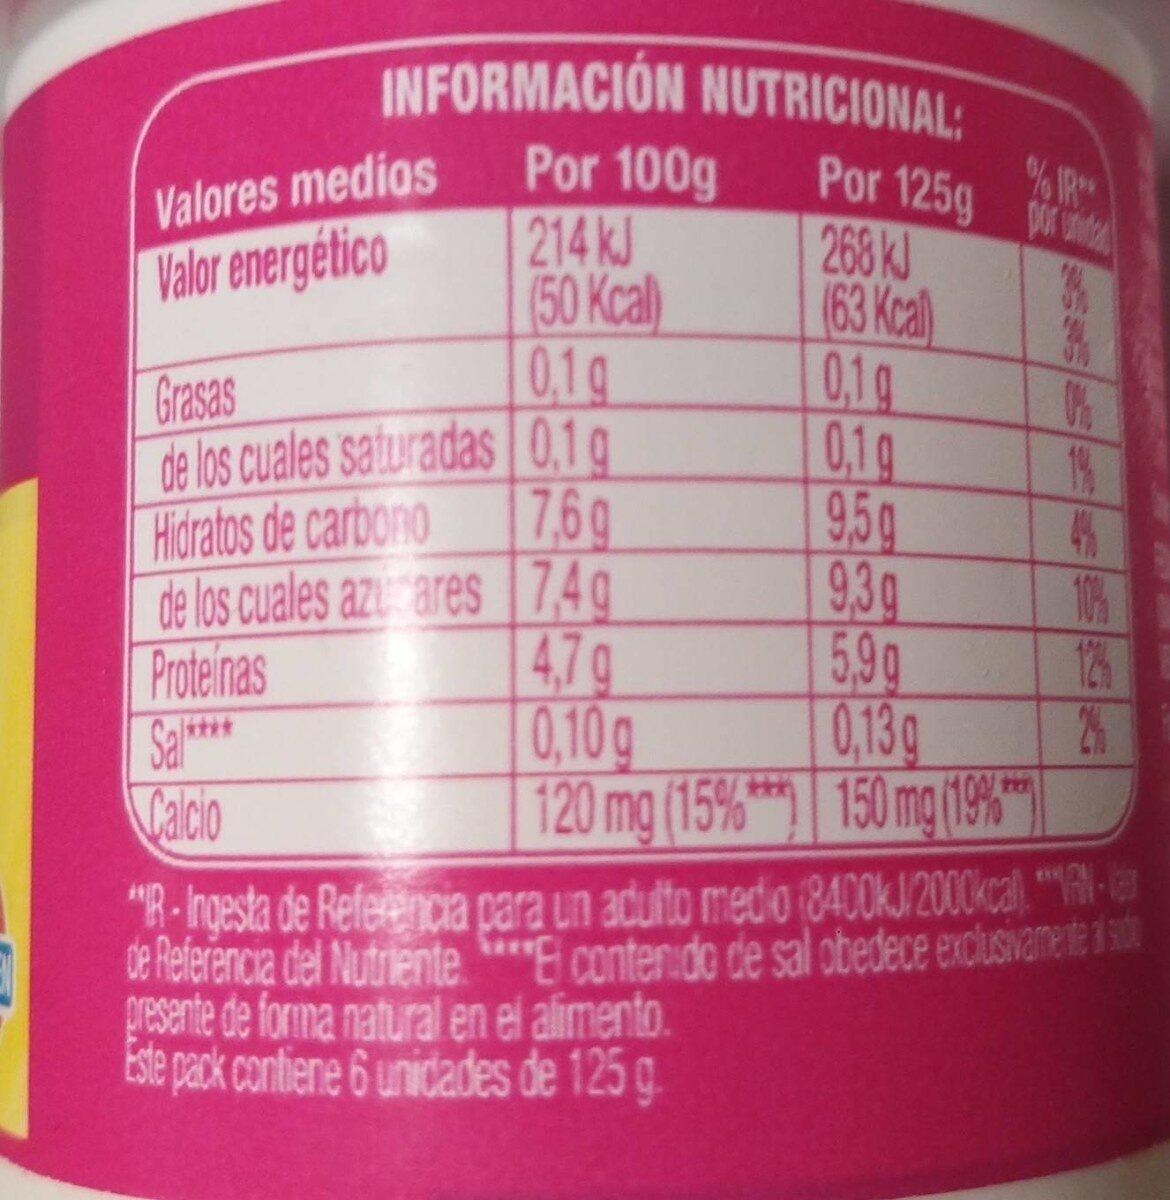 Yogur con frutas - Informació nutricional